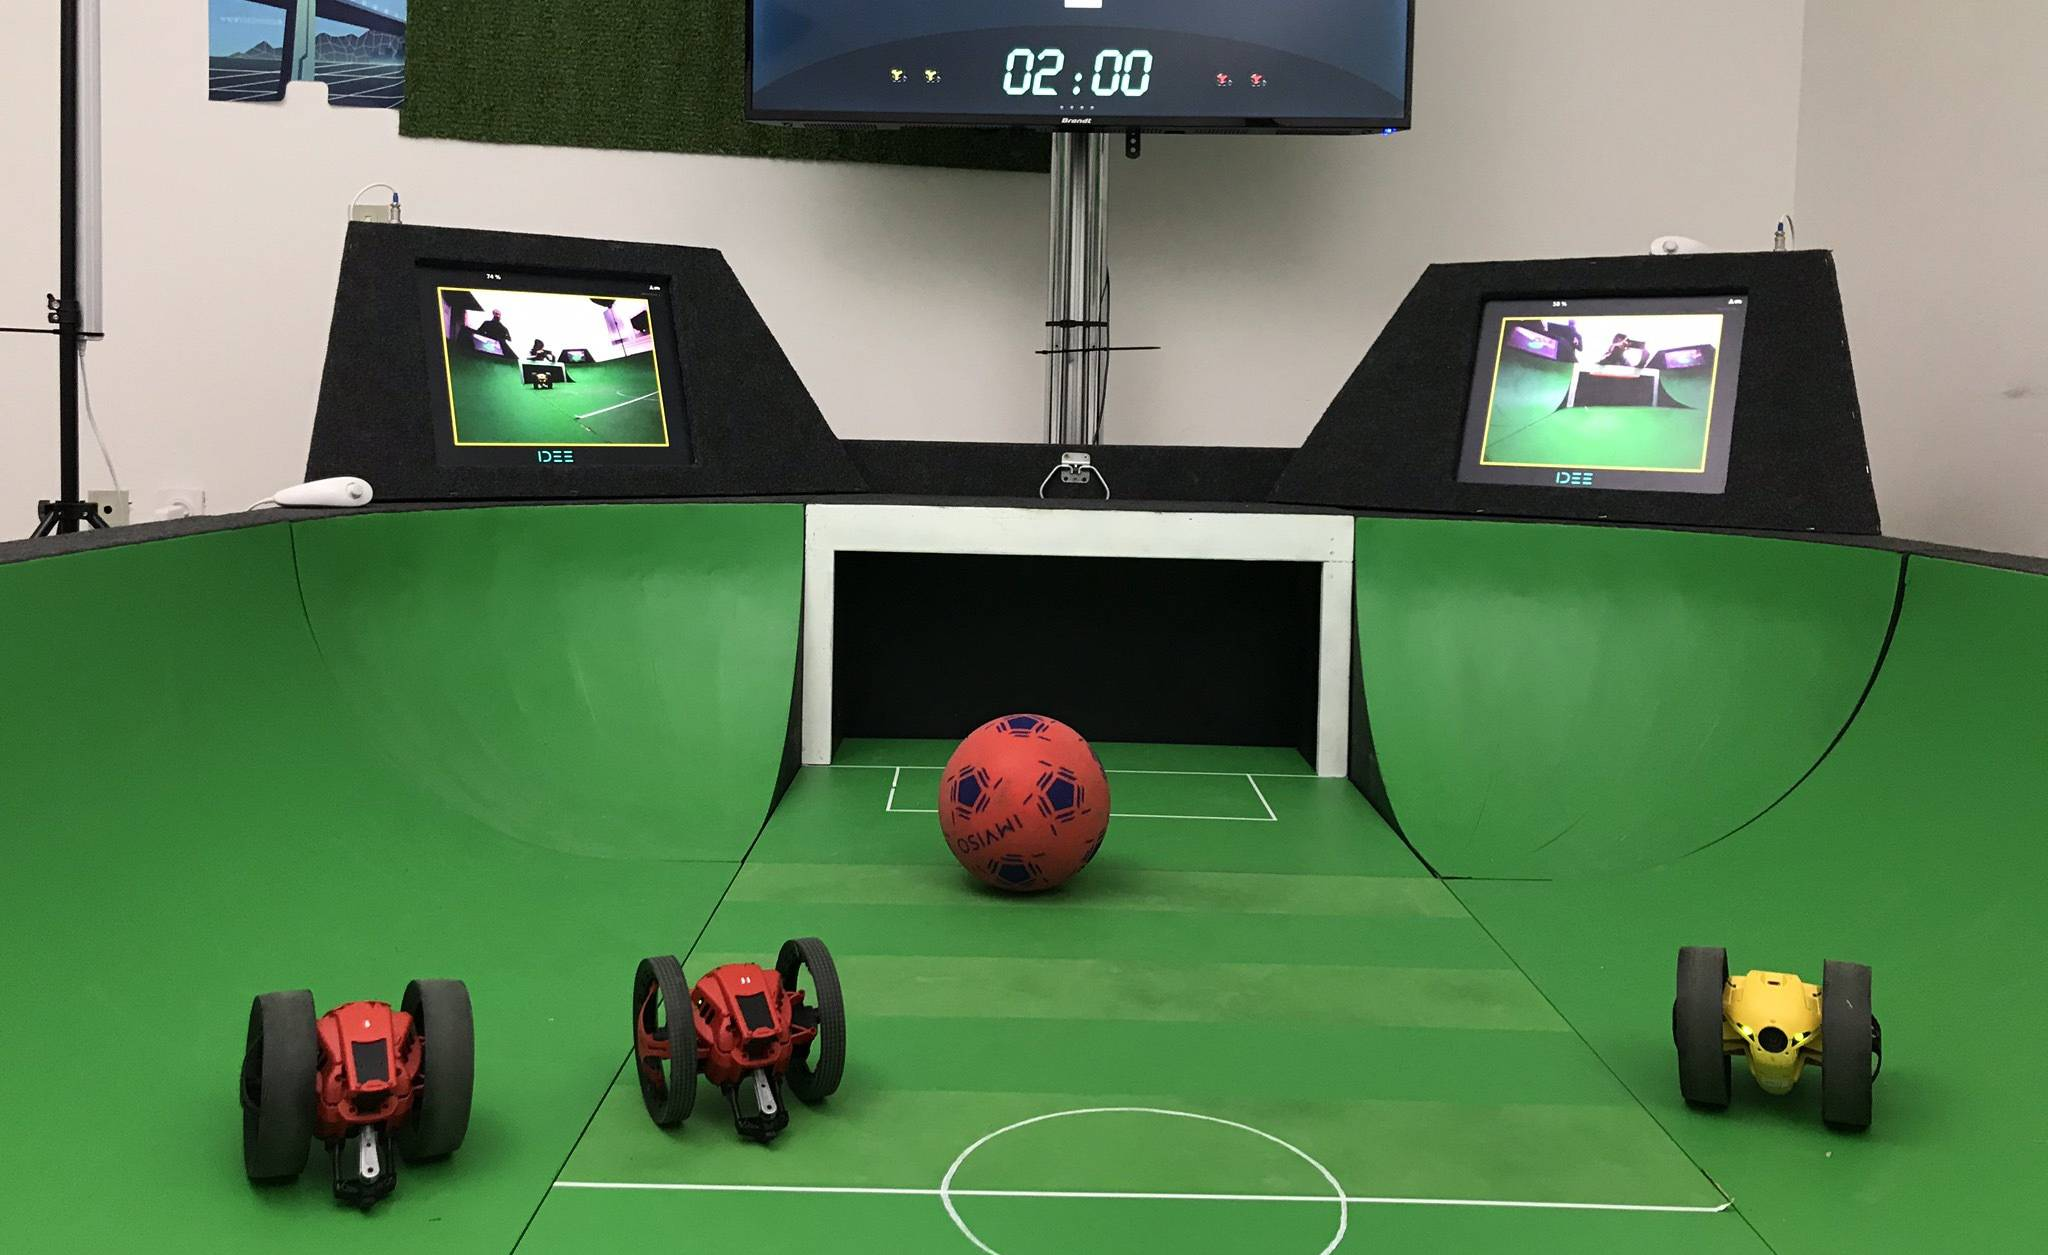 Les rencontres de e-foot durent le plus souvent 2 minutes.